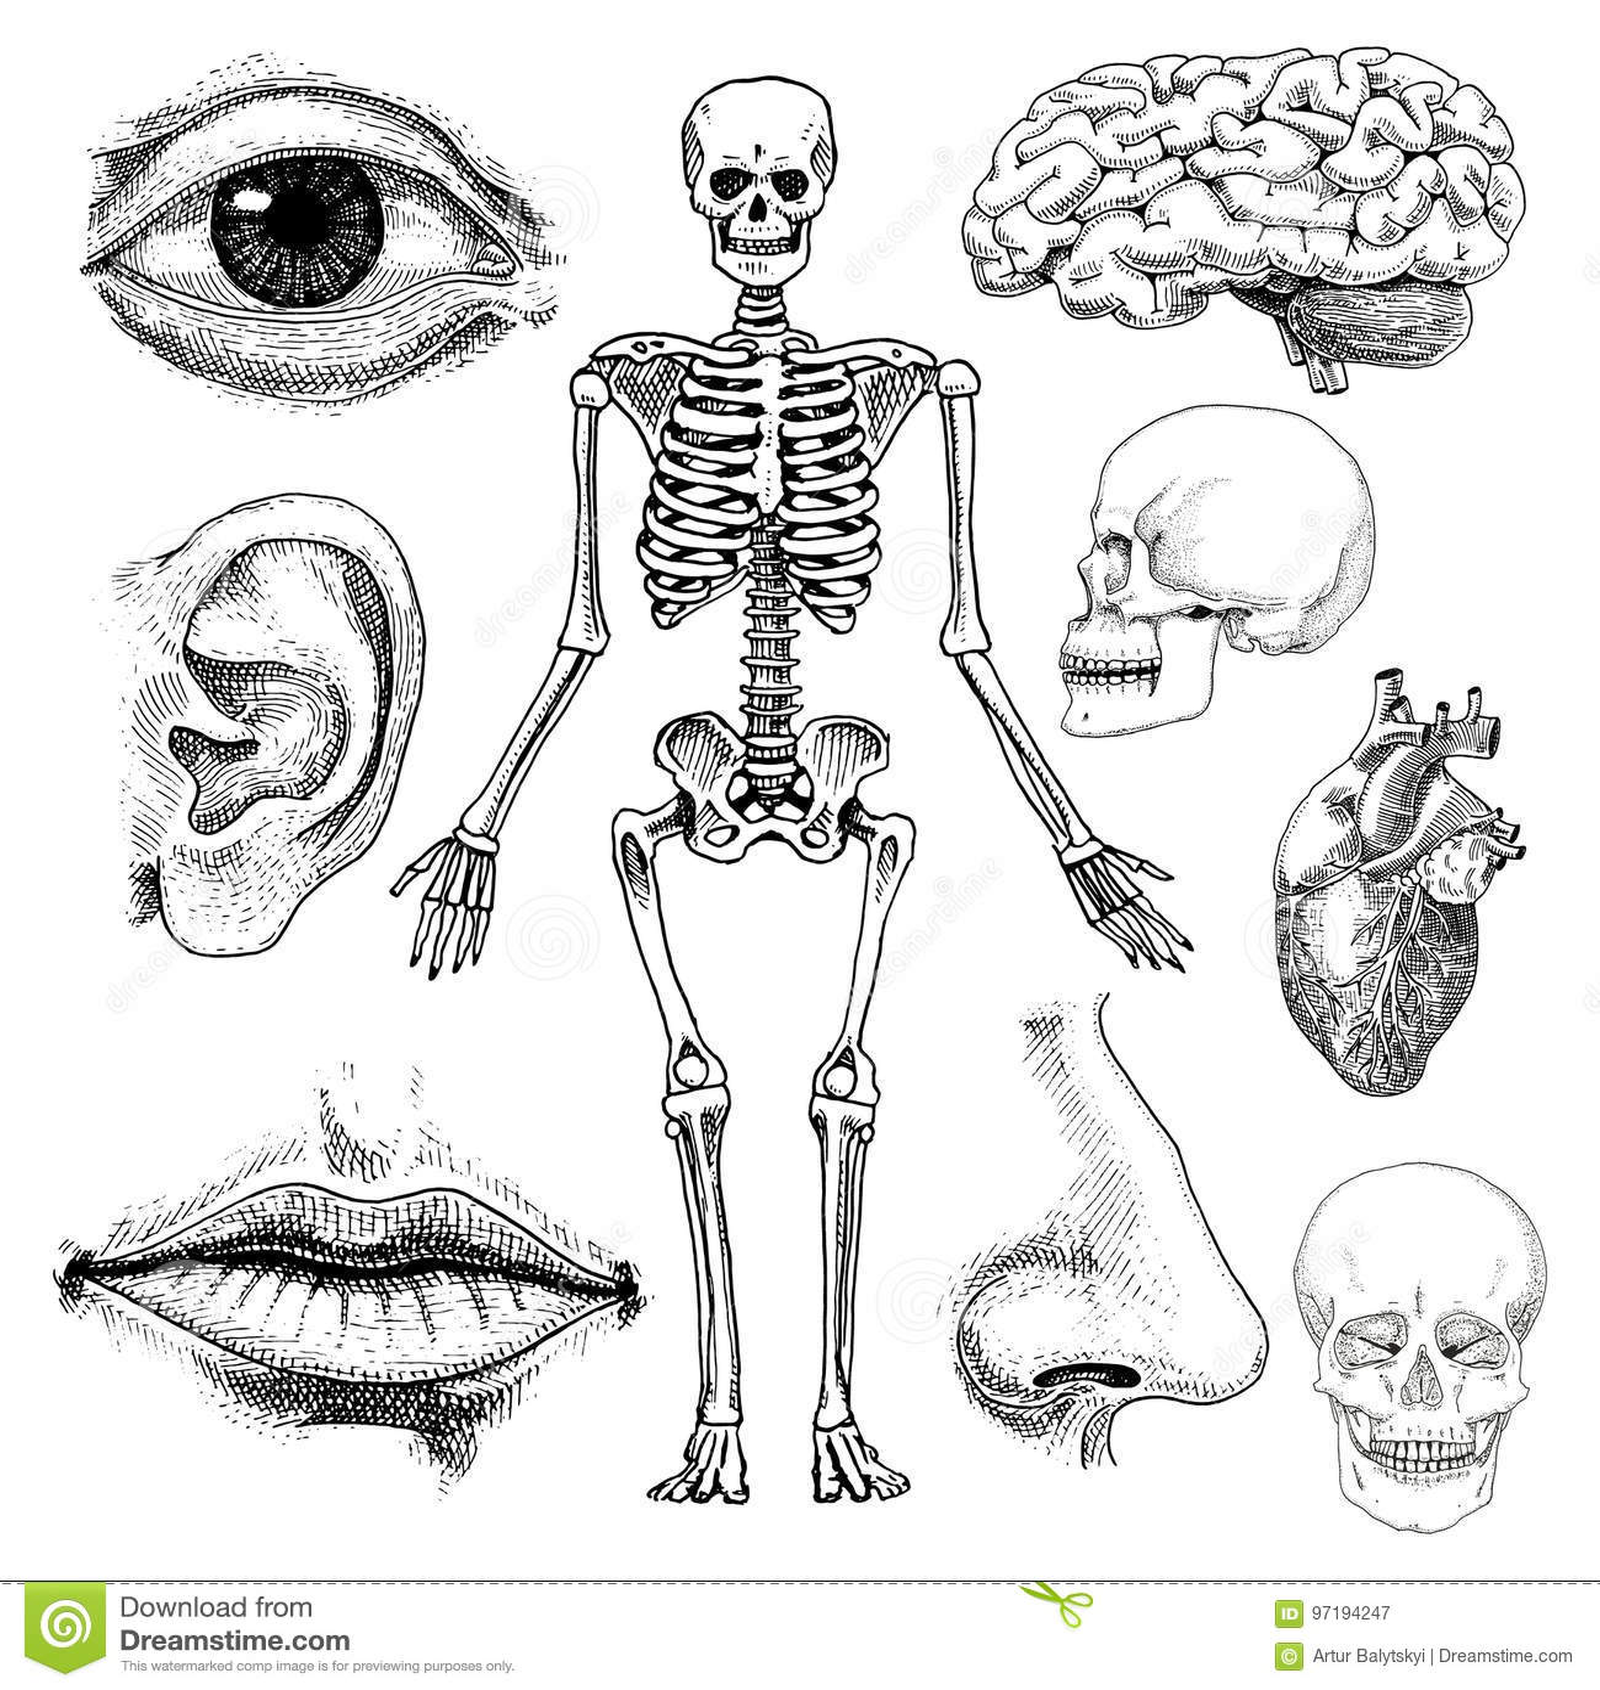 Großartig Hauptmuskelgruppen Anatomie Ideen - Anatomie Ideen ...